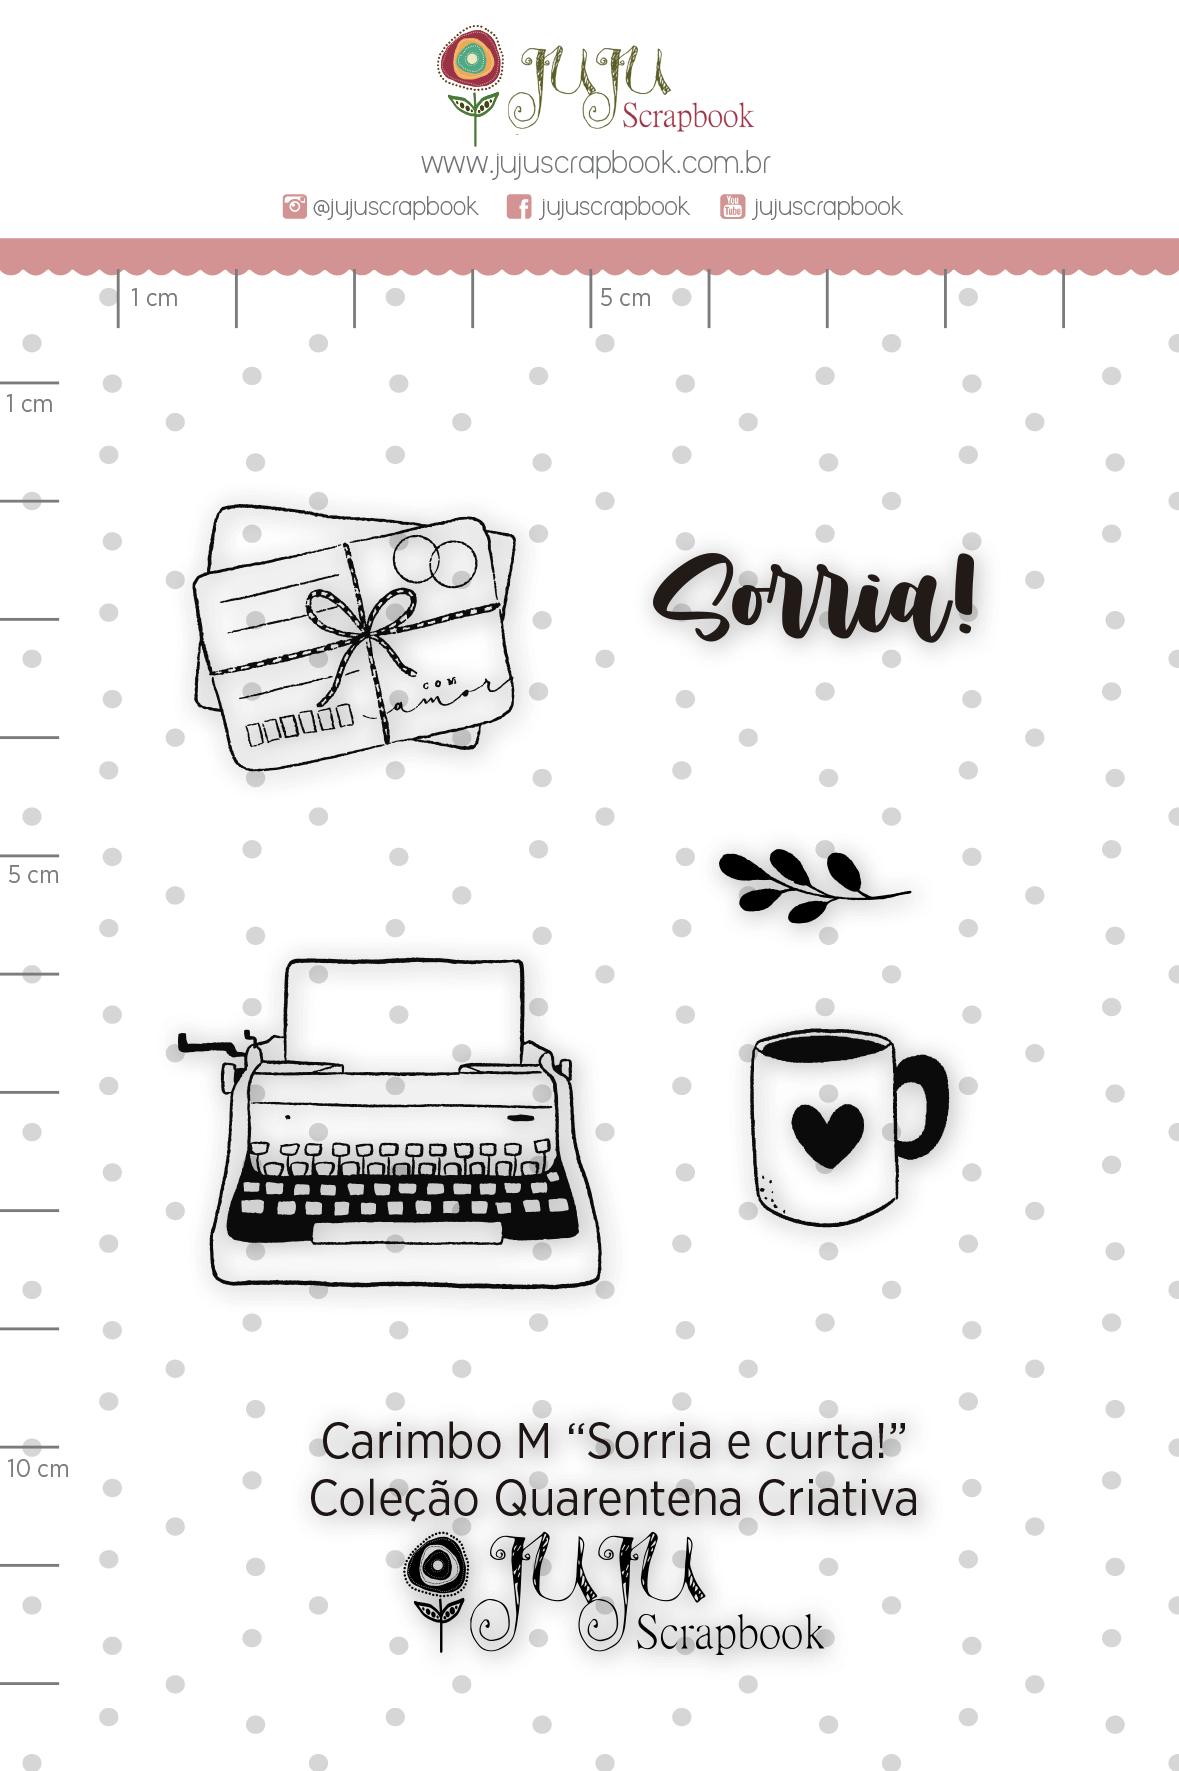 CARIMBO M SORRIA E CURTA! - COLEÇÃO QUARENTENA CRIATIVA